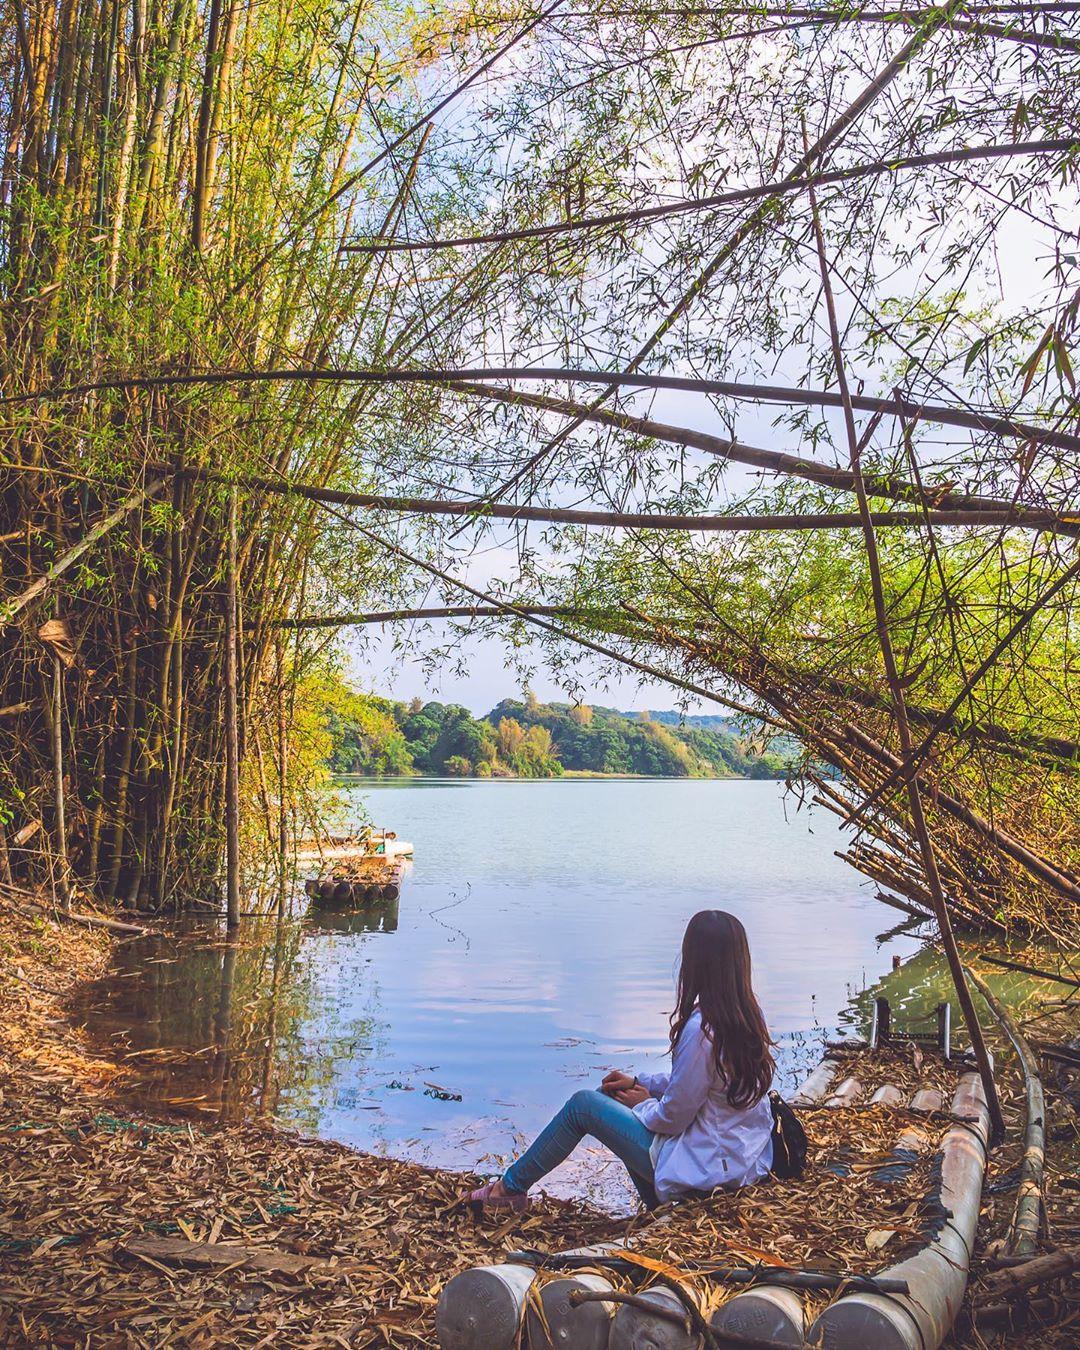 六甲夢之湖@agorave